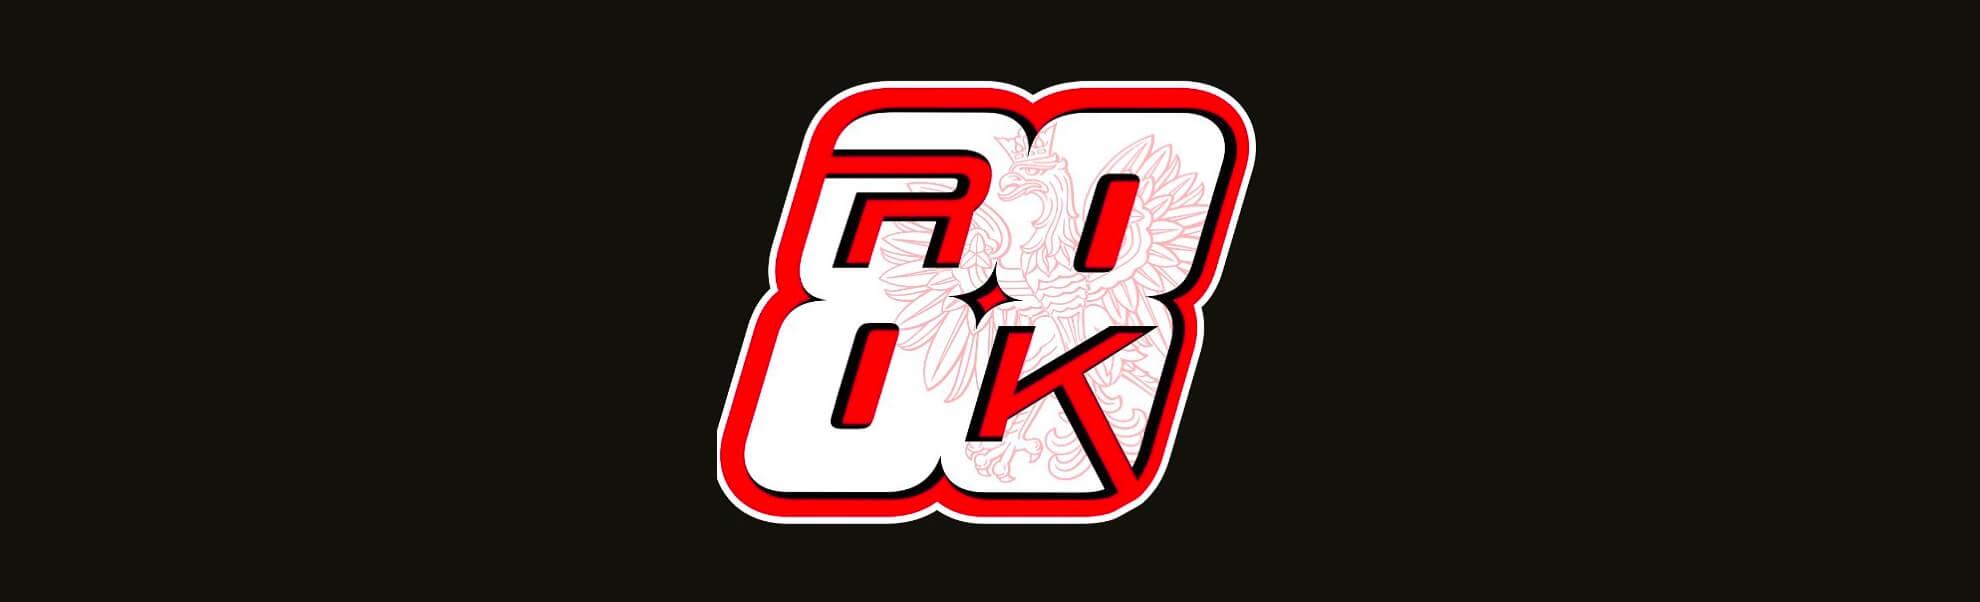 nowe logo roberta kubicy